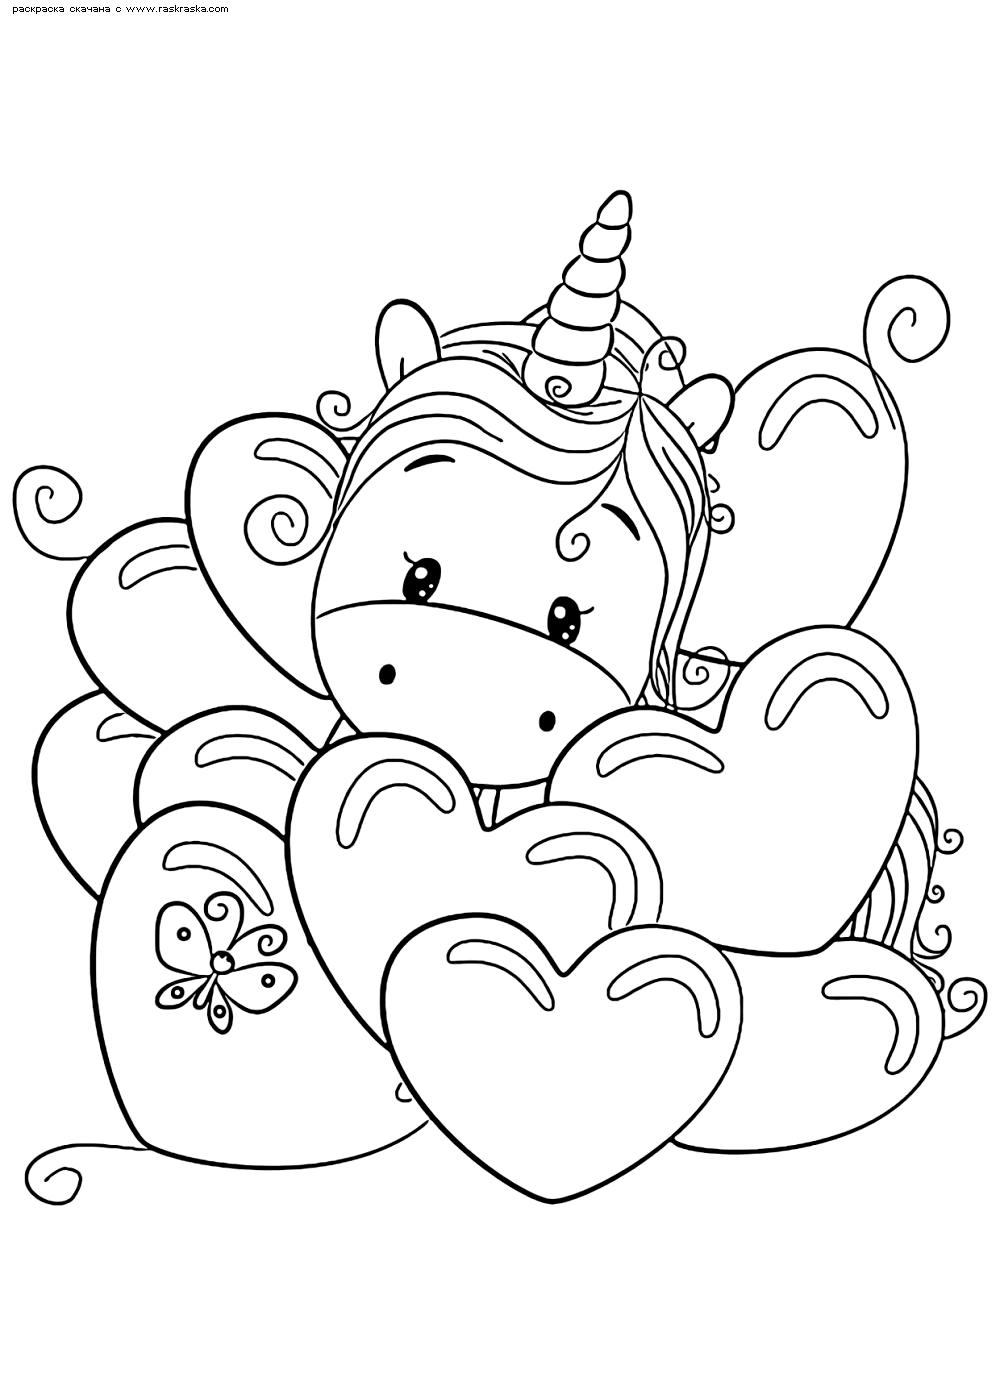 Раскраска Влюбленный единорог | Раскраски няшных животных ...